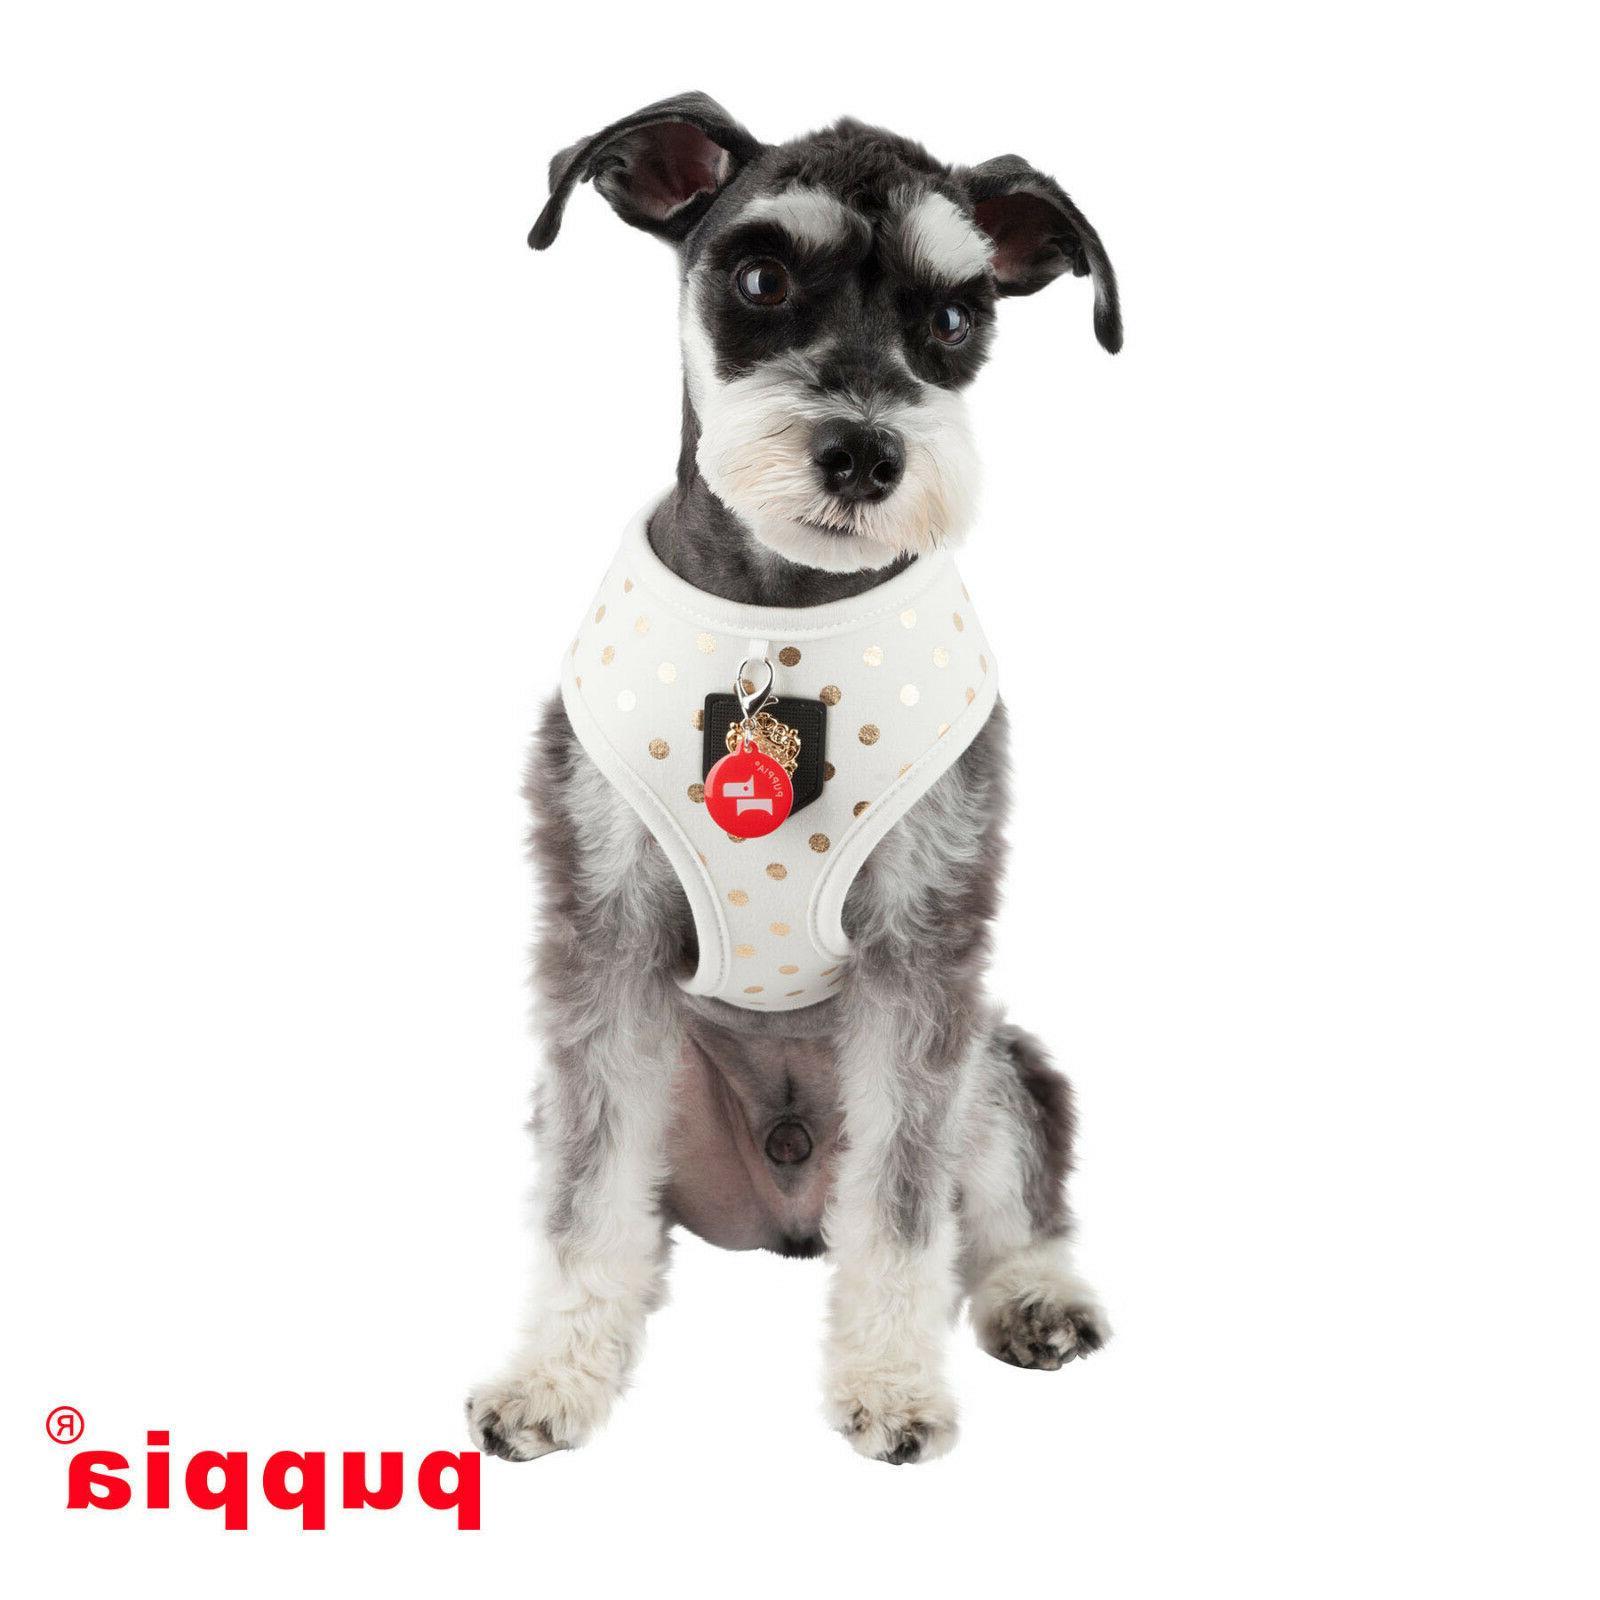 Dog - Puppia - Size